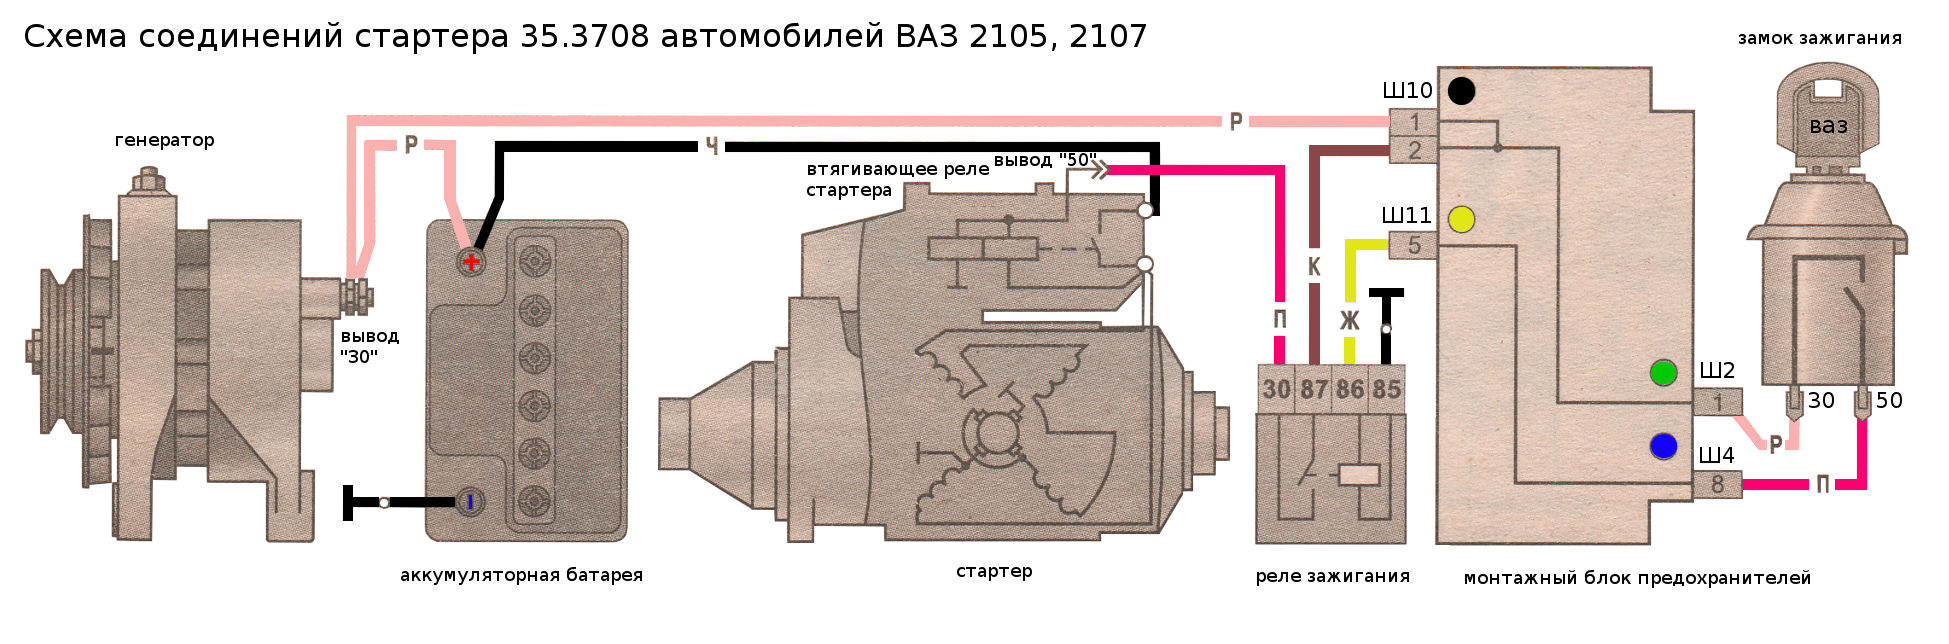 электрическая схема для ваз-21074